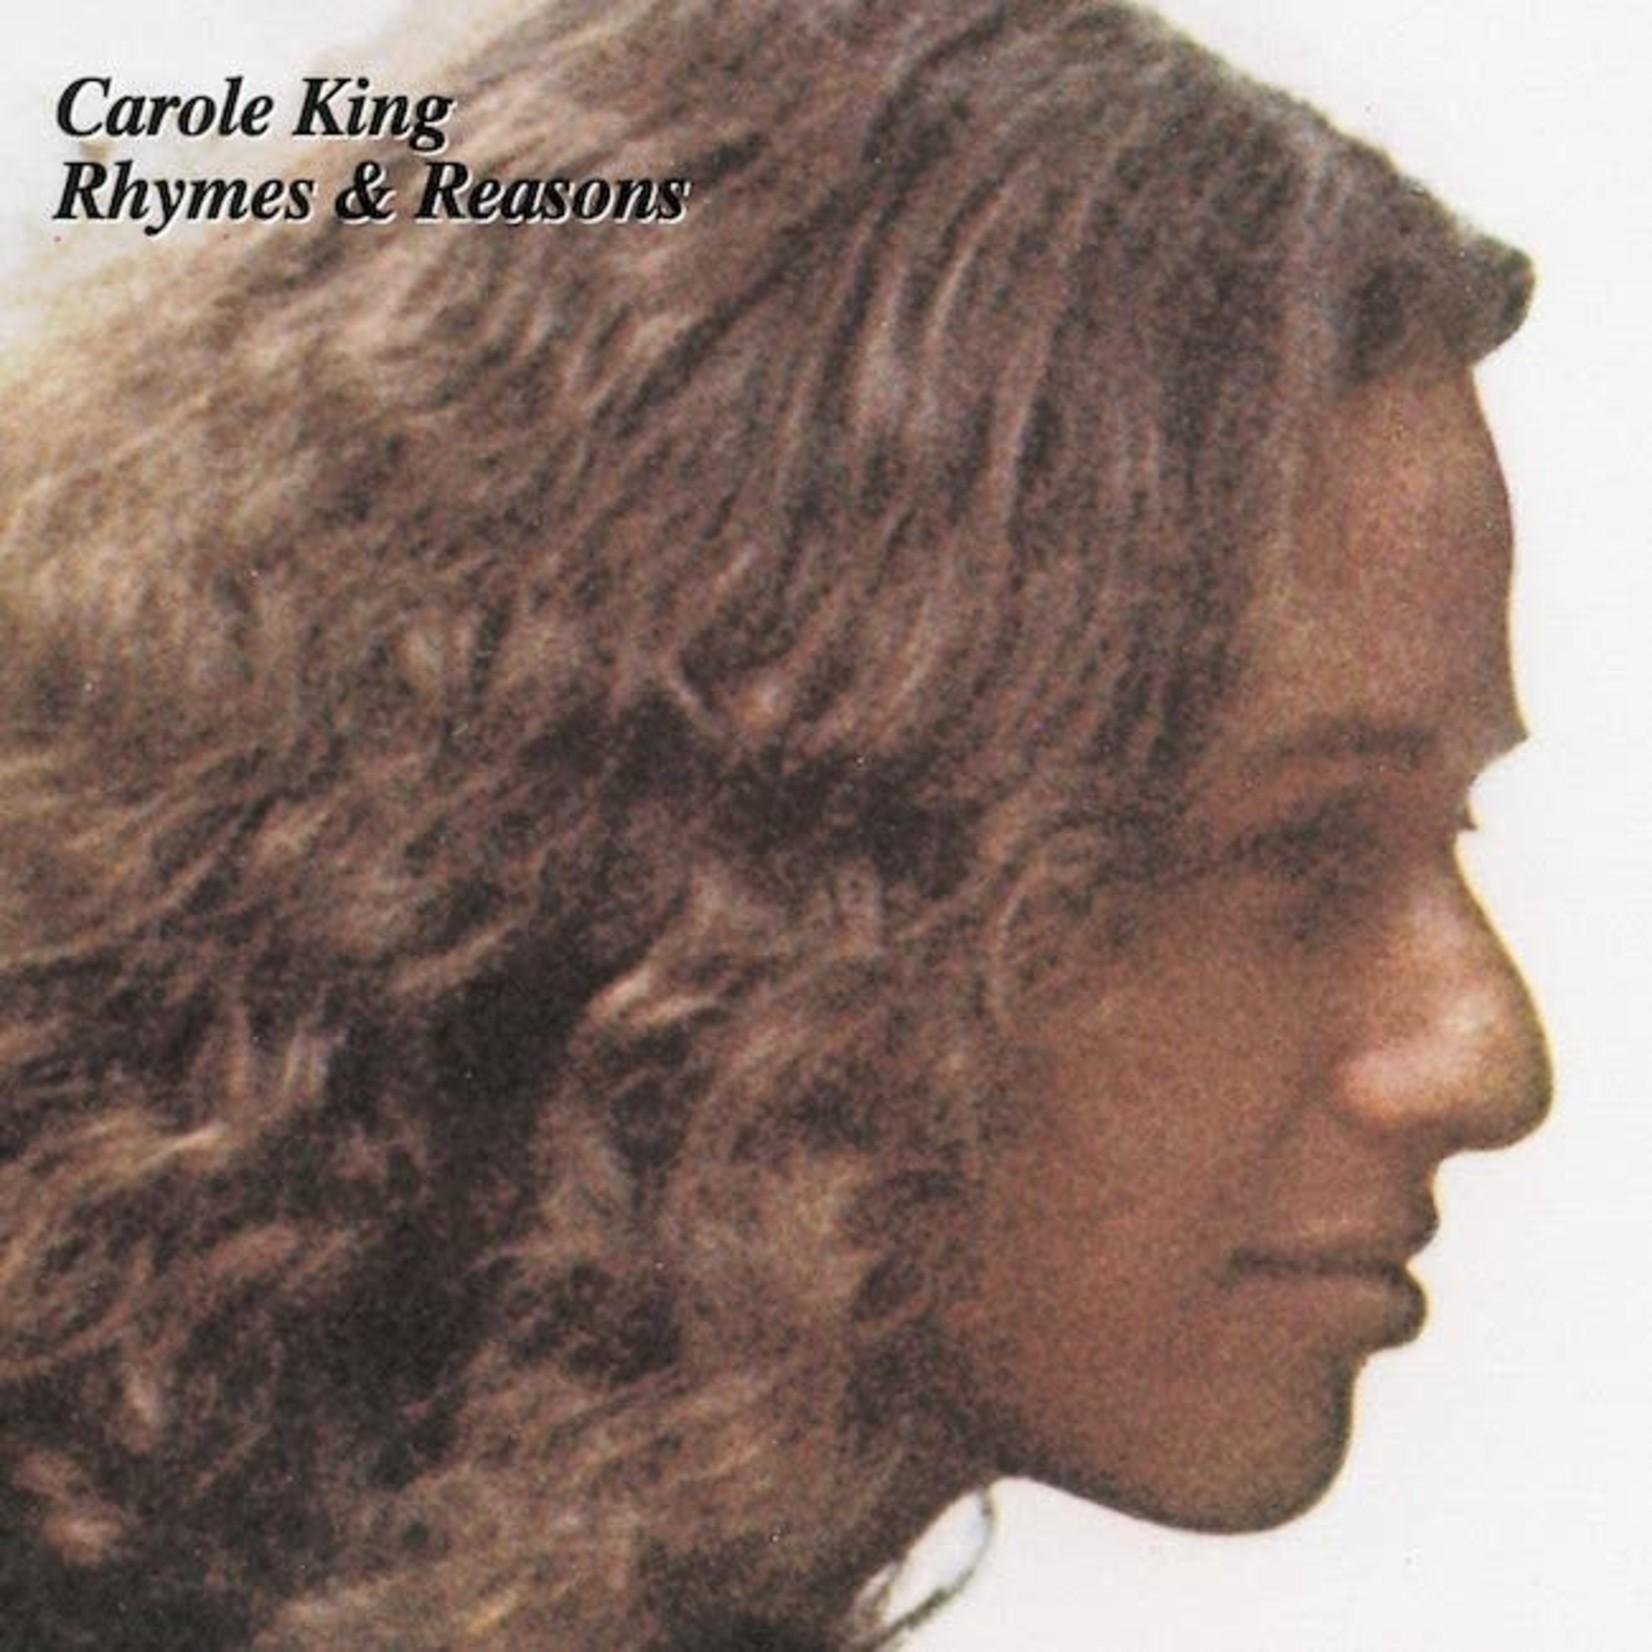 [Vintage] King, Carole: Rhymes & Reasons